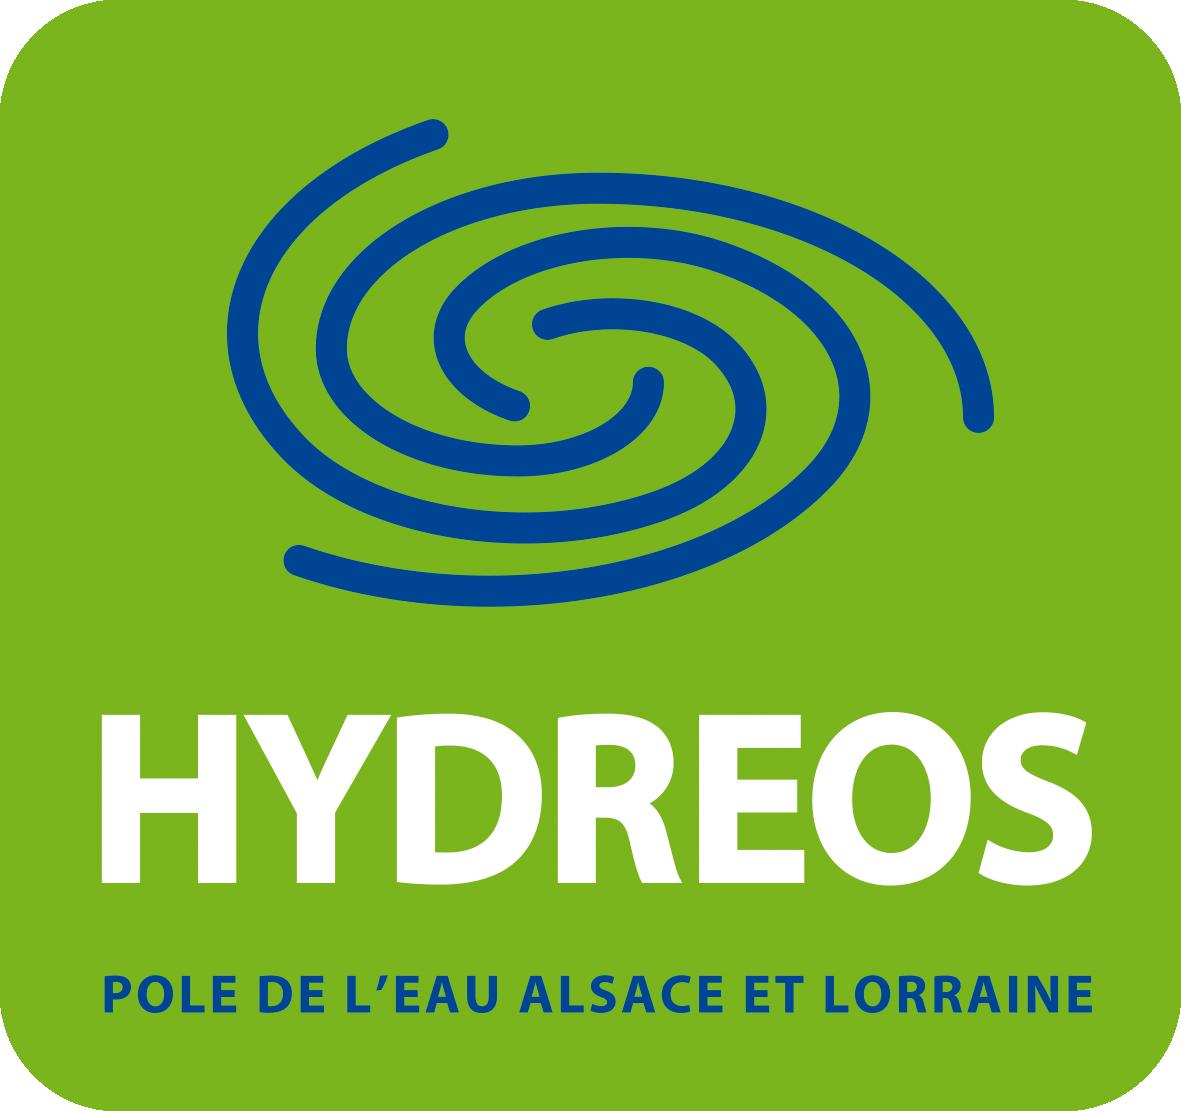 Hydreos logo